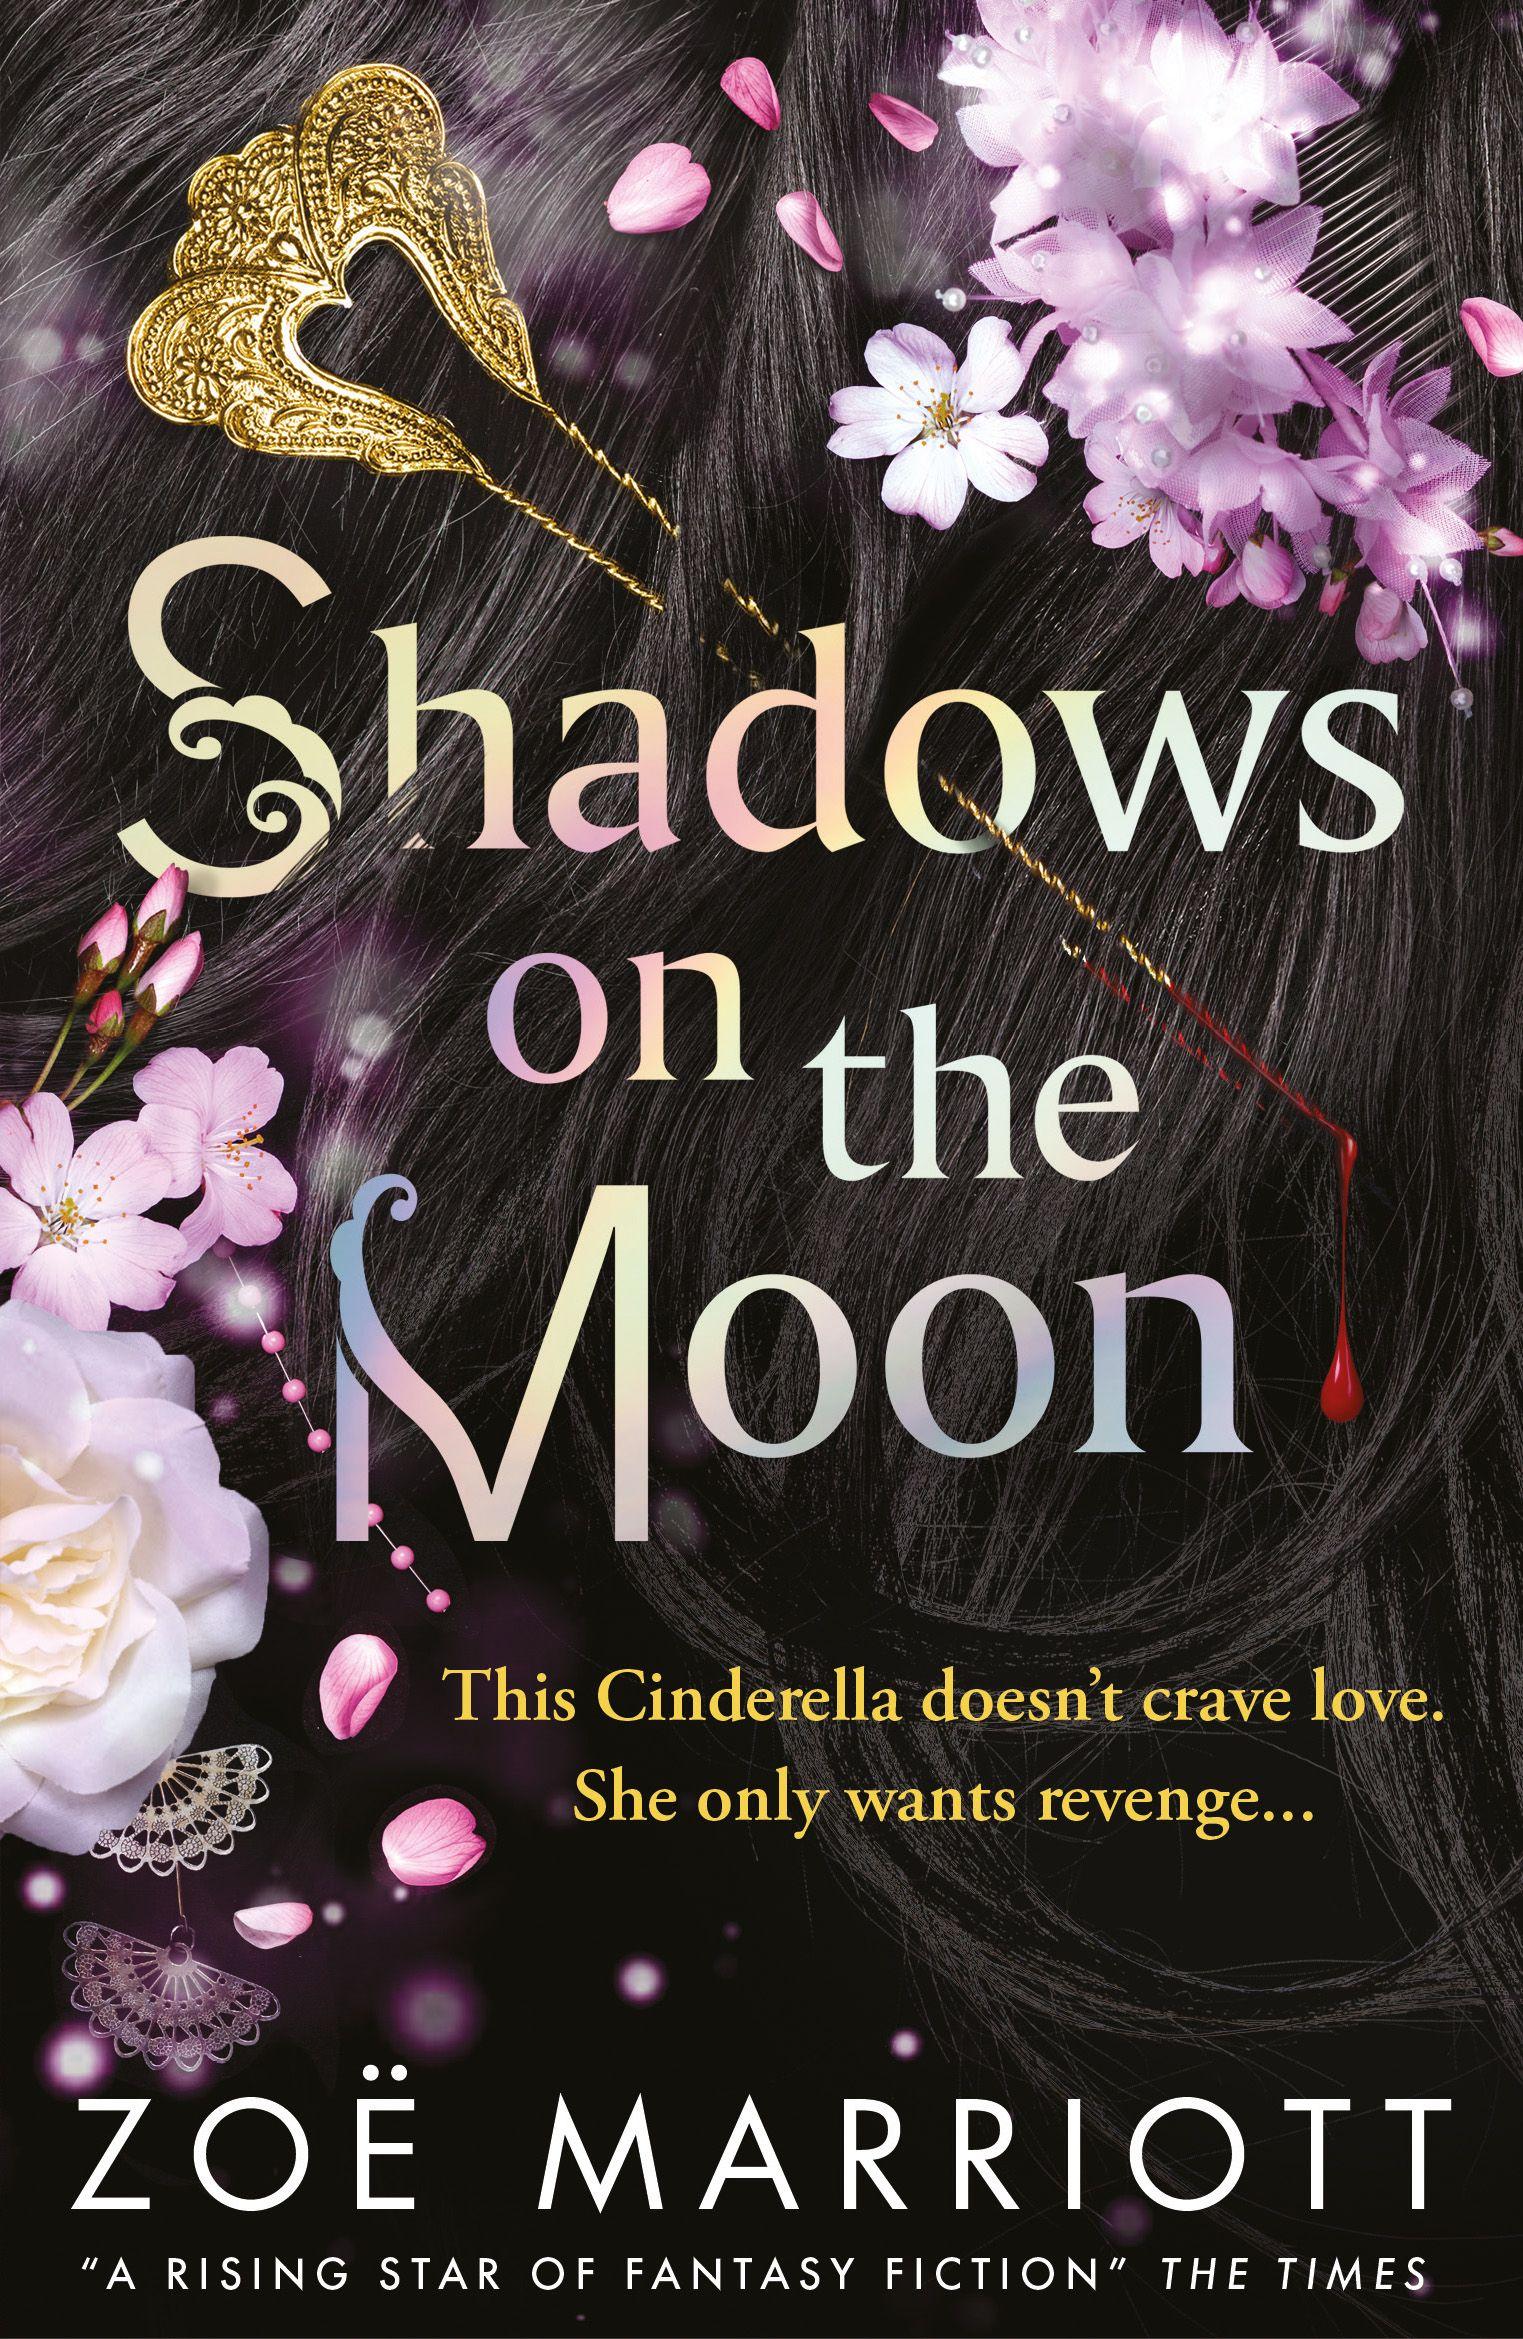 2016 Uk Walker Books Paperback Reissue Artwork For Shadows On The Moon  Design